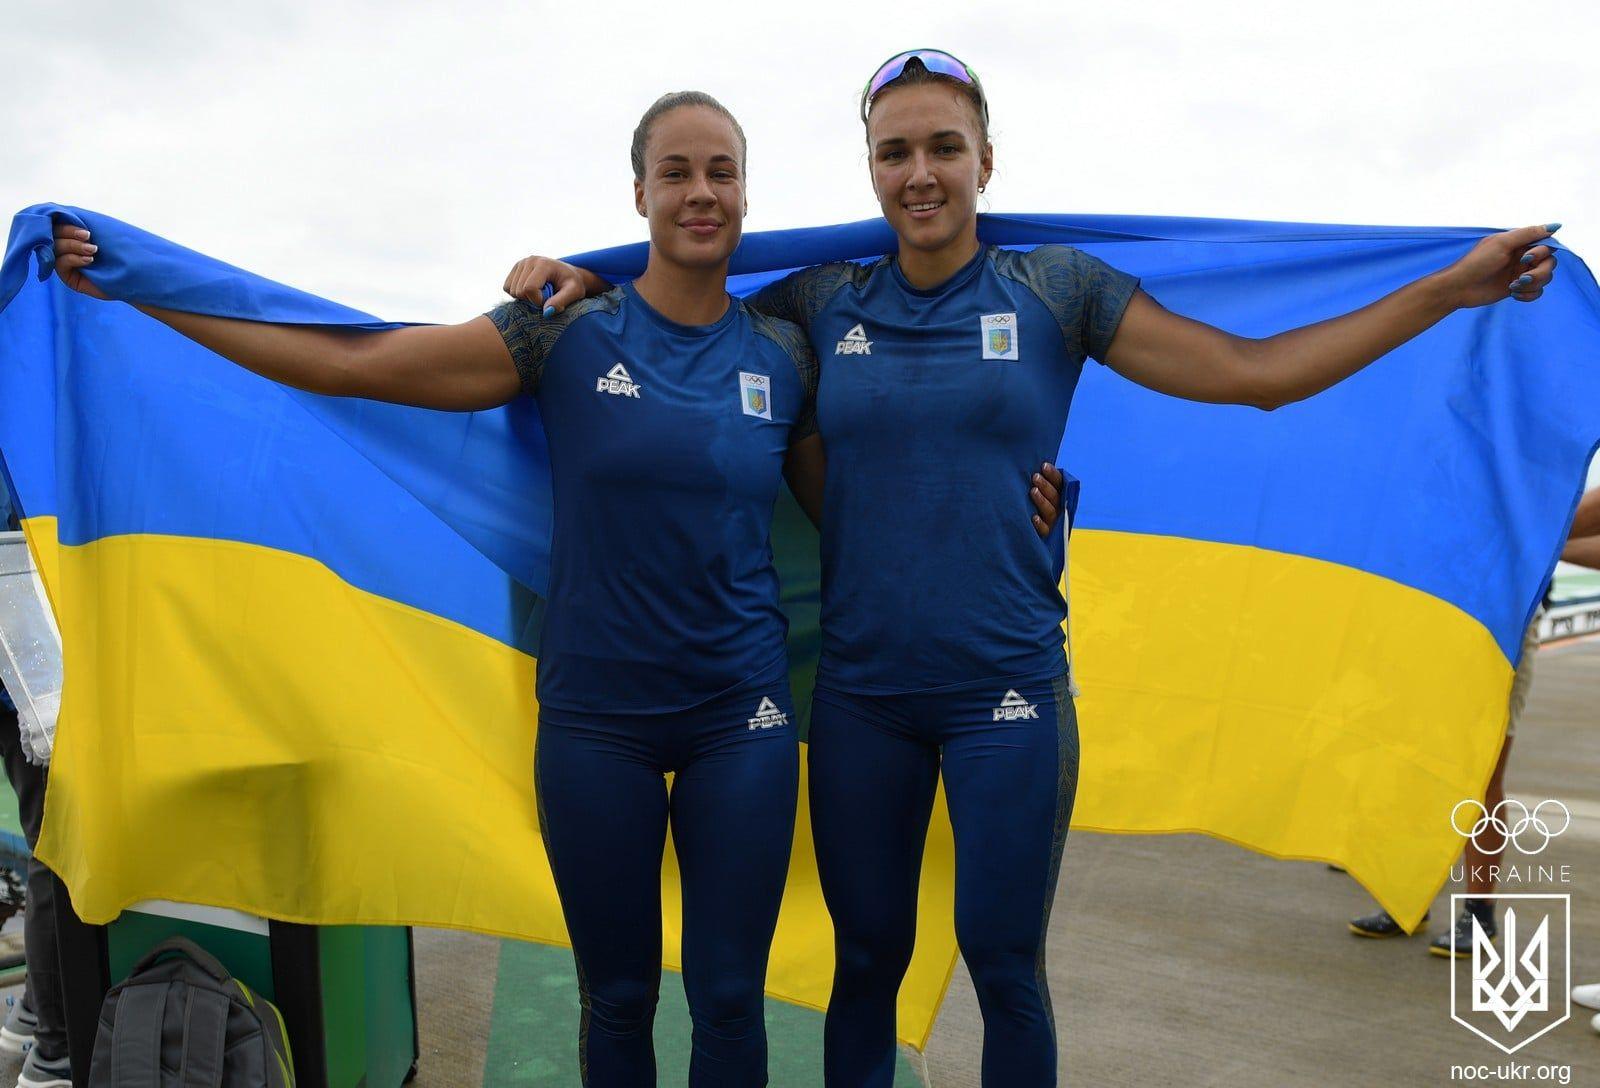 Успехи наших атлетов в предпоследний день ОИ-2020: исторический предварительный итог для Украины